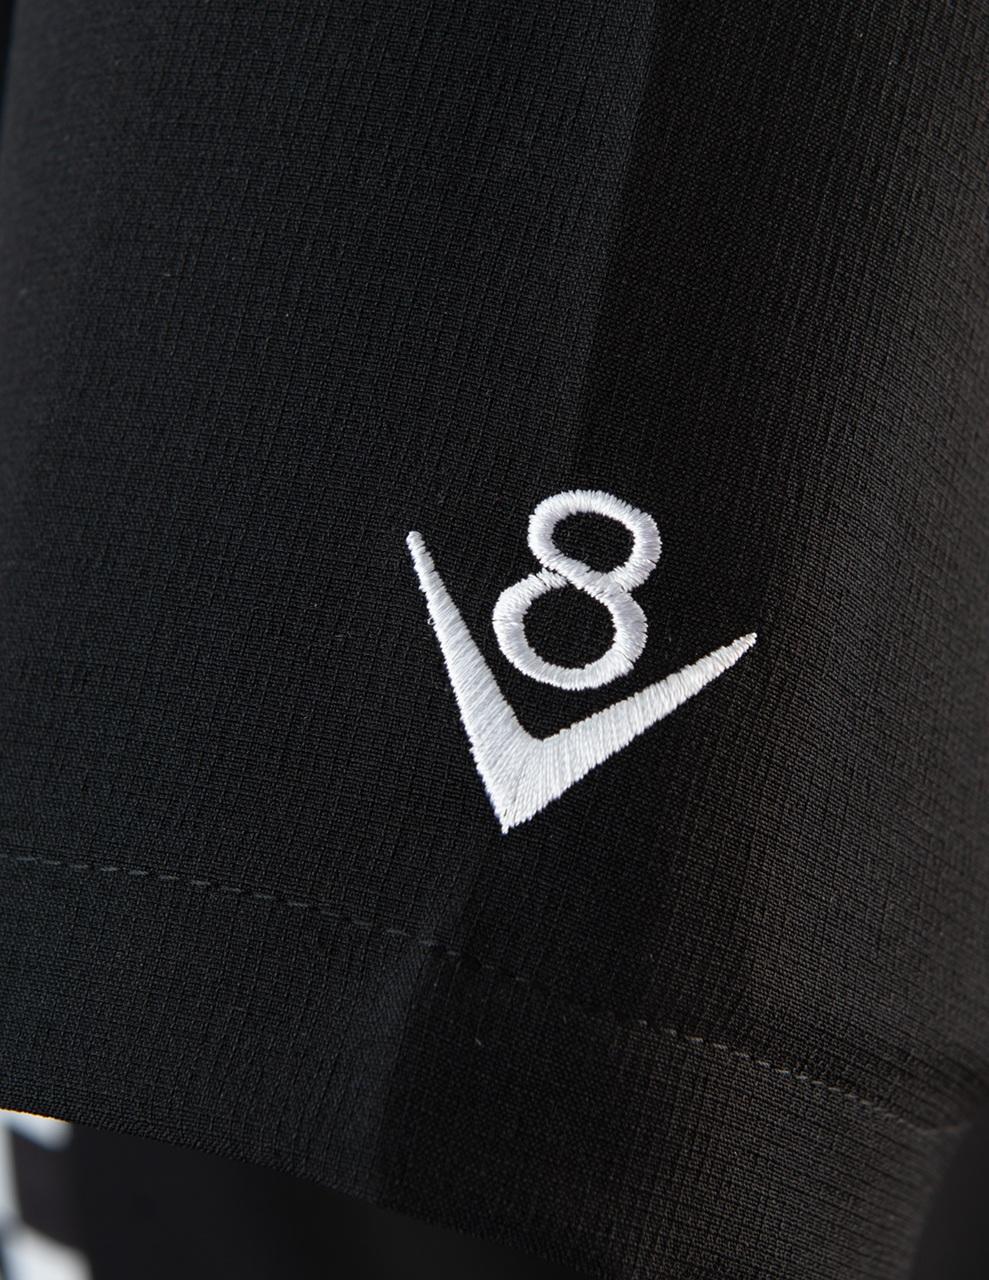 v8 märket på ärmen